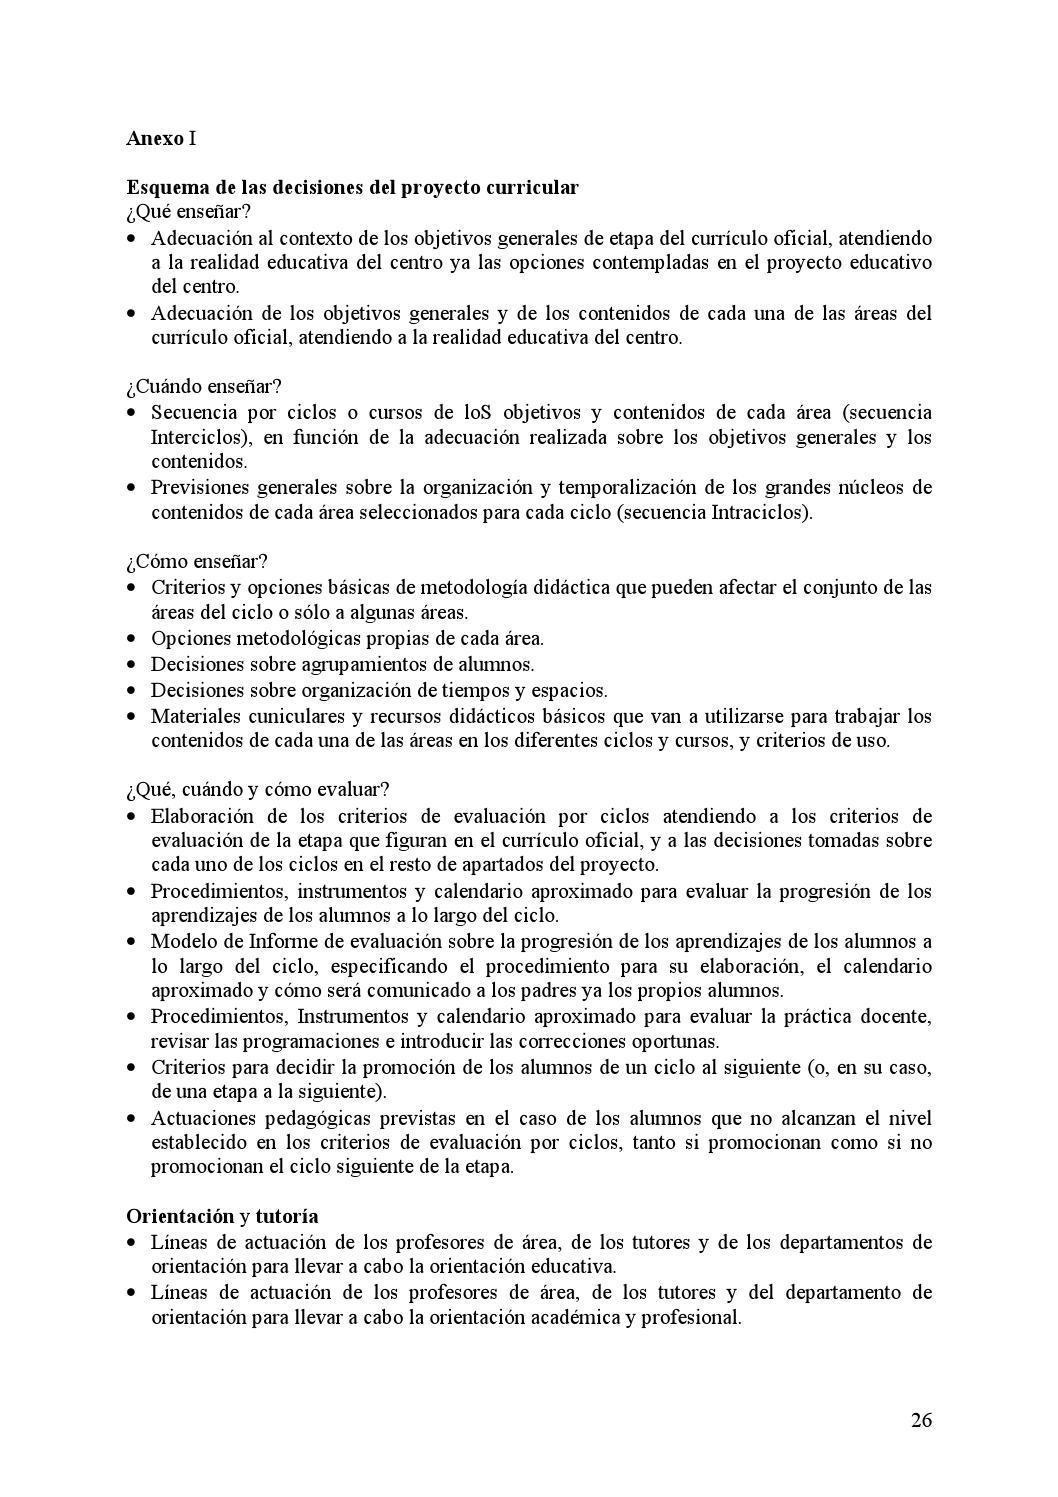 Dorable Ejemplos De Currículum Educativo Objetivo Cresta - Ejemplo ...